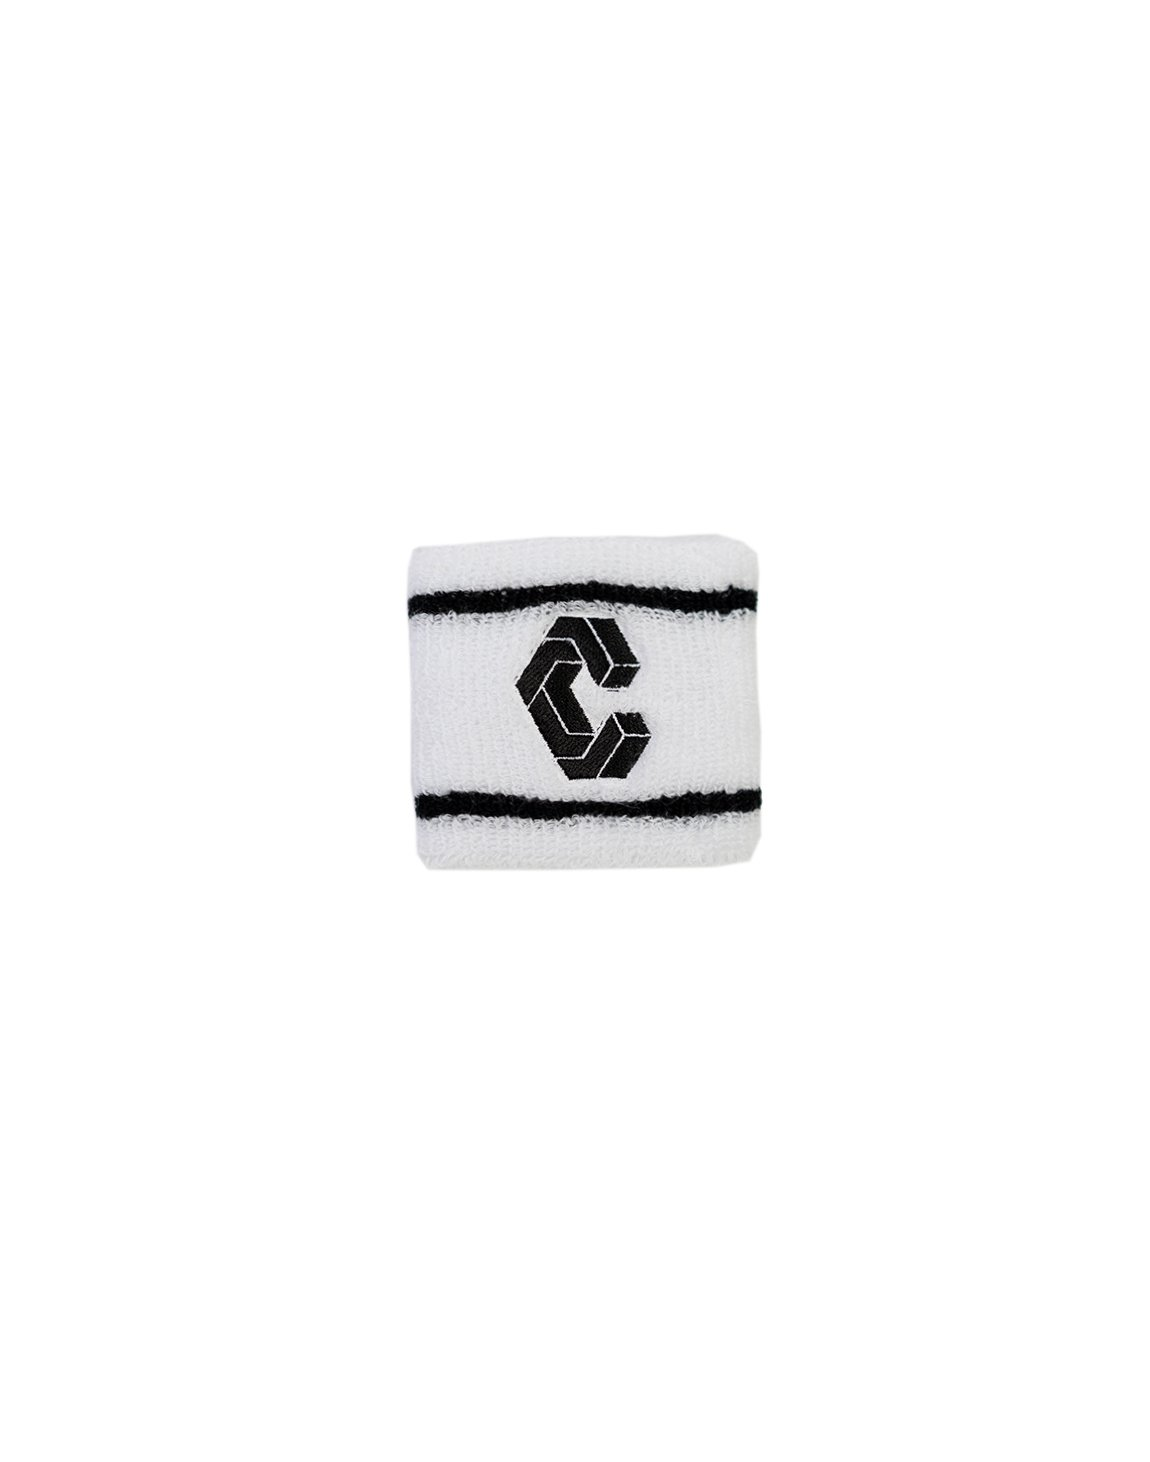 CRONOS Wristband WHITE